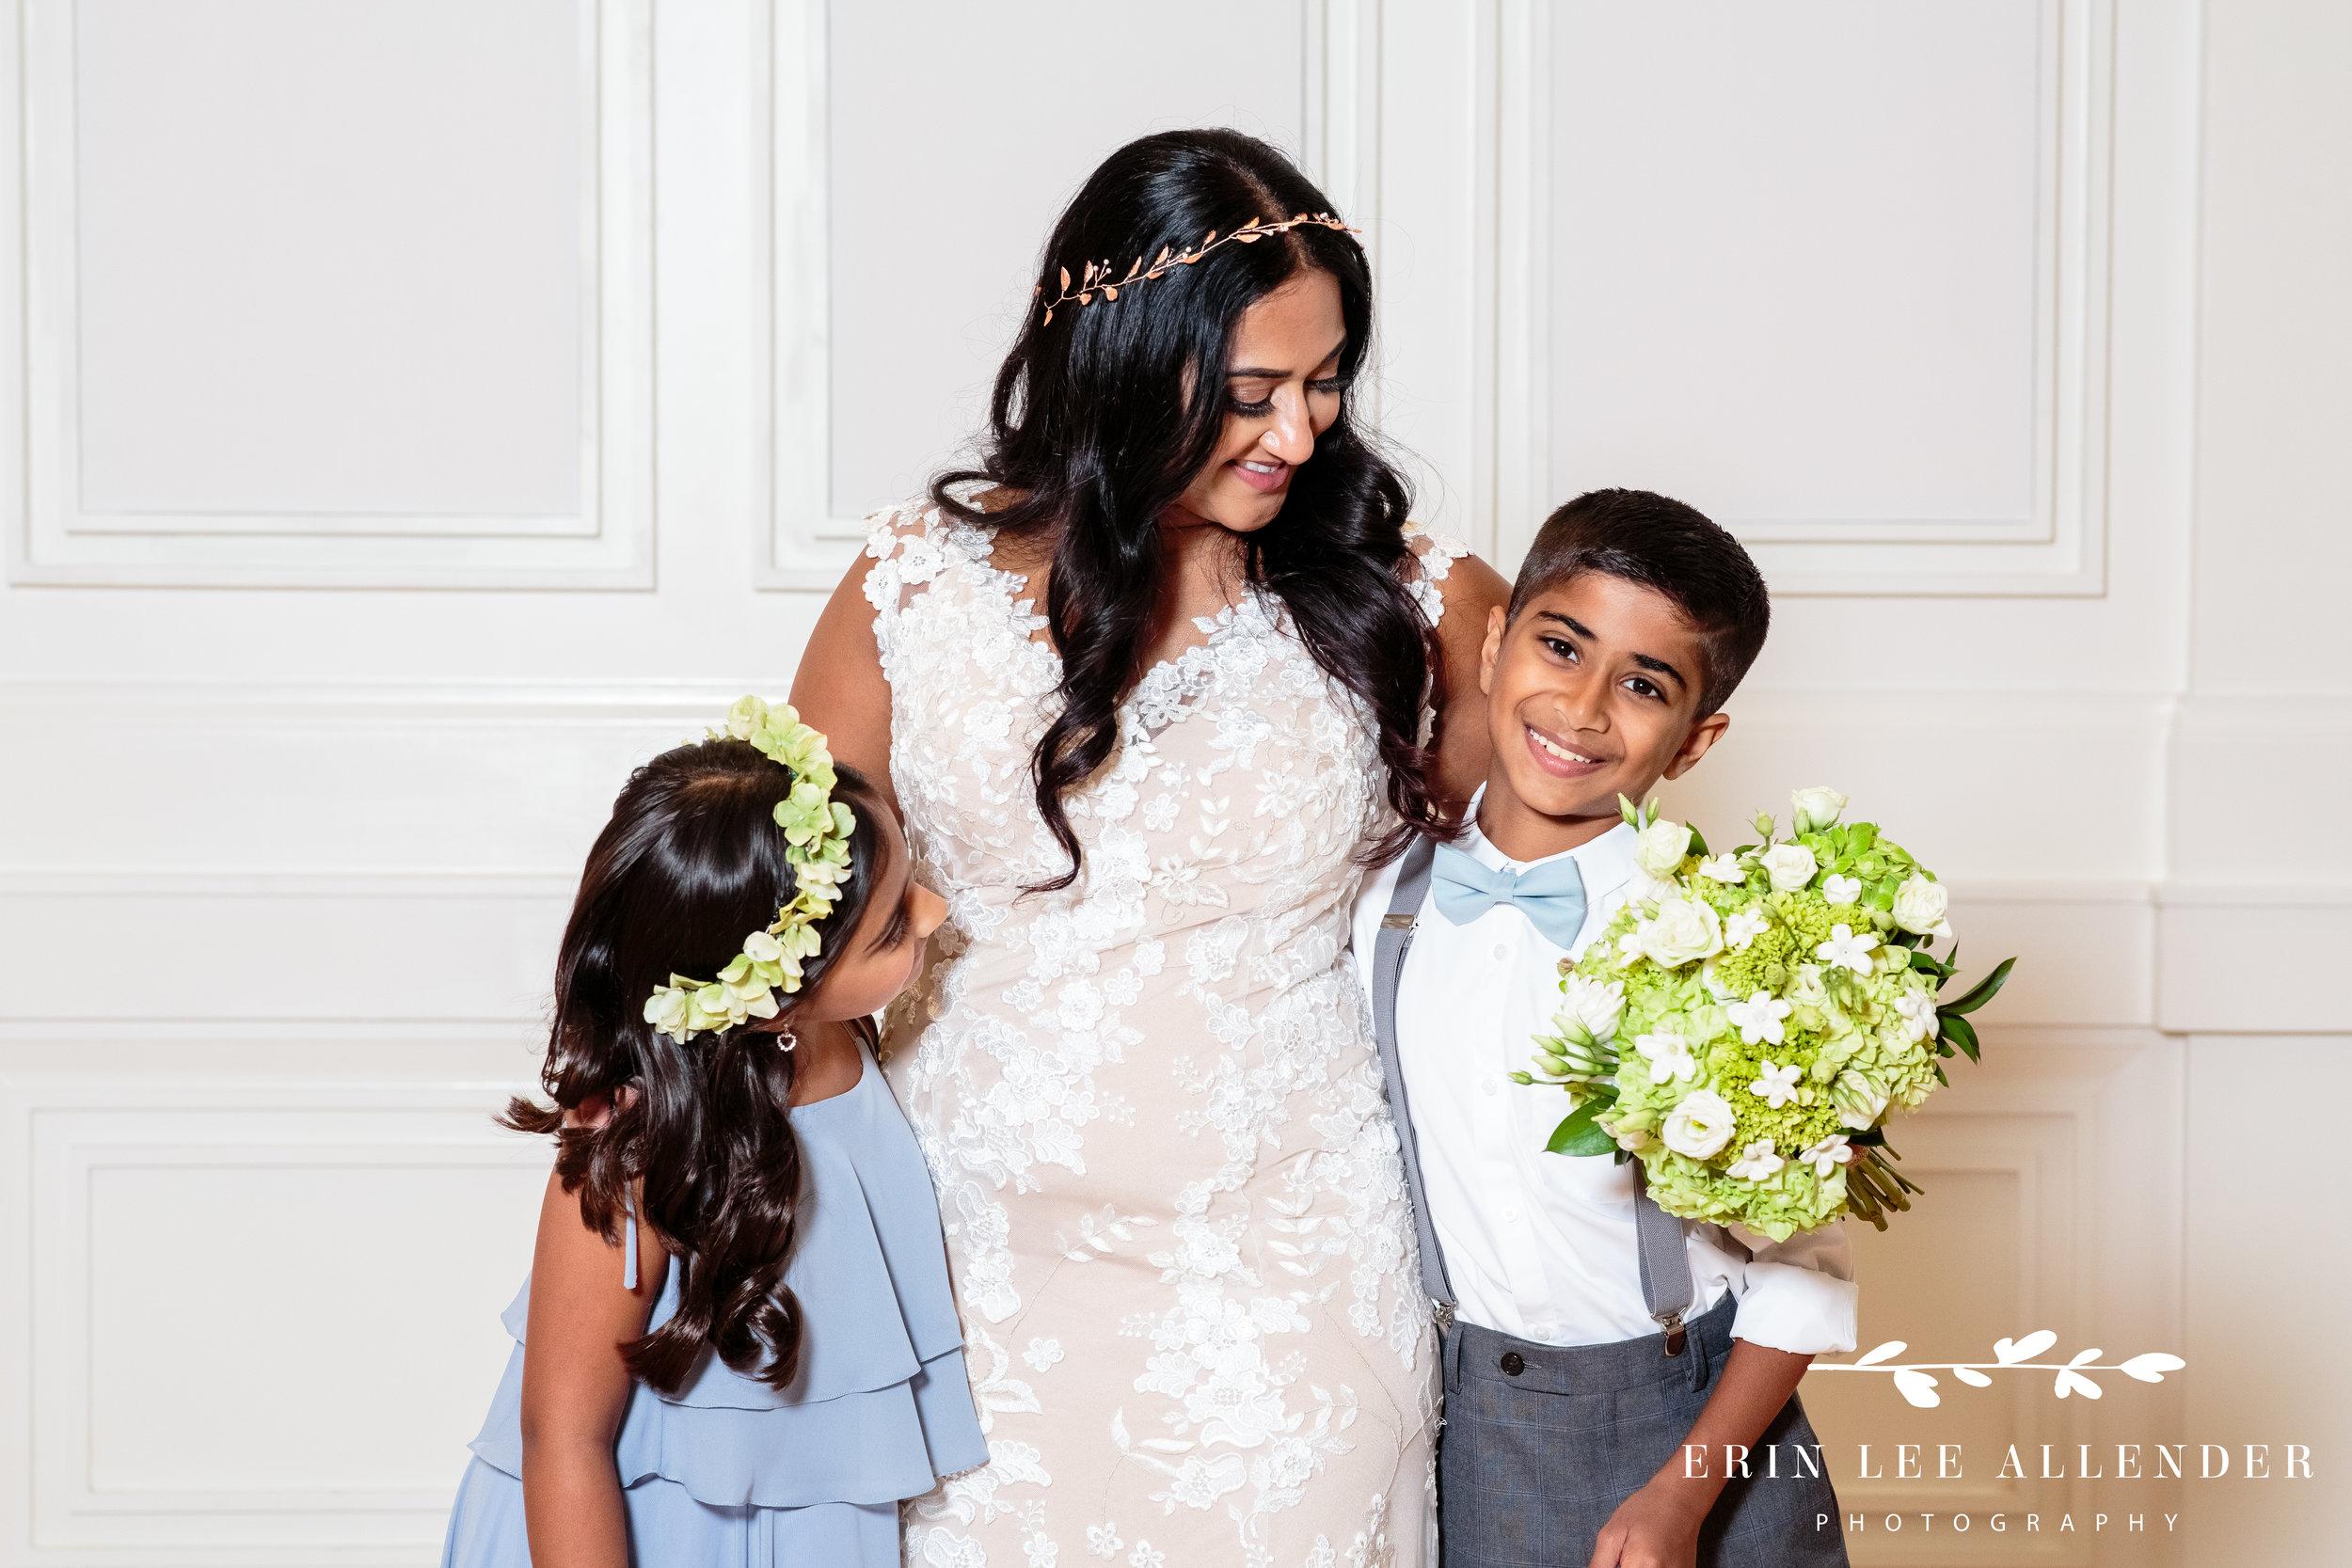 bride-with-ring-bearer-flower-girl